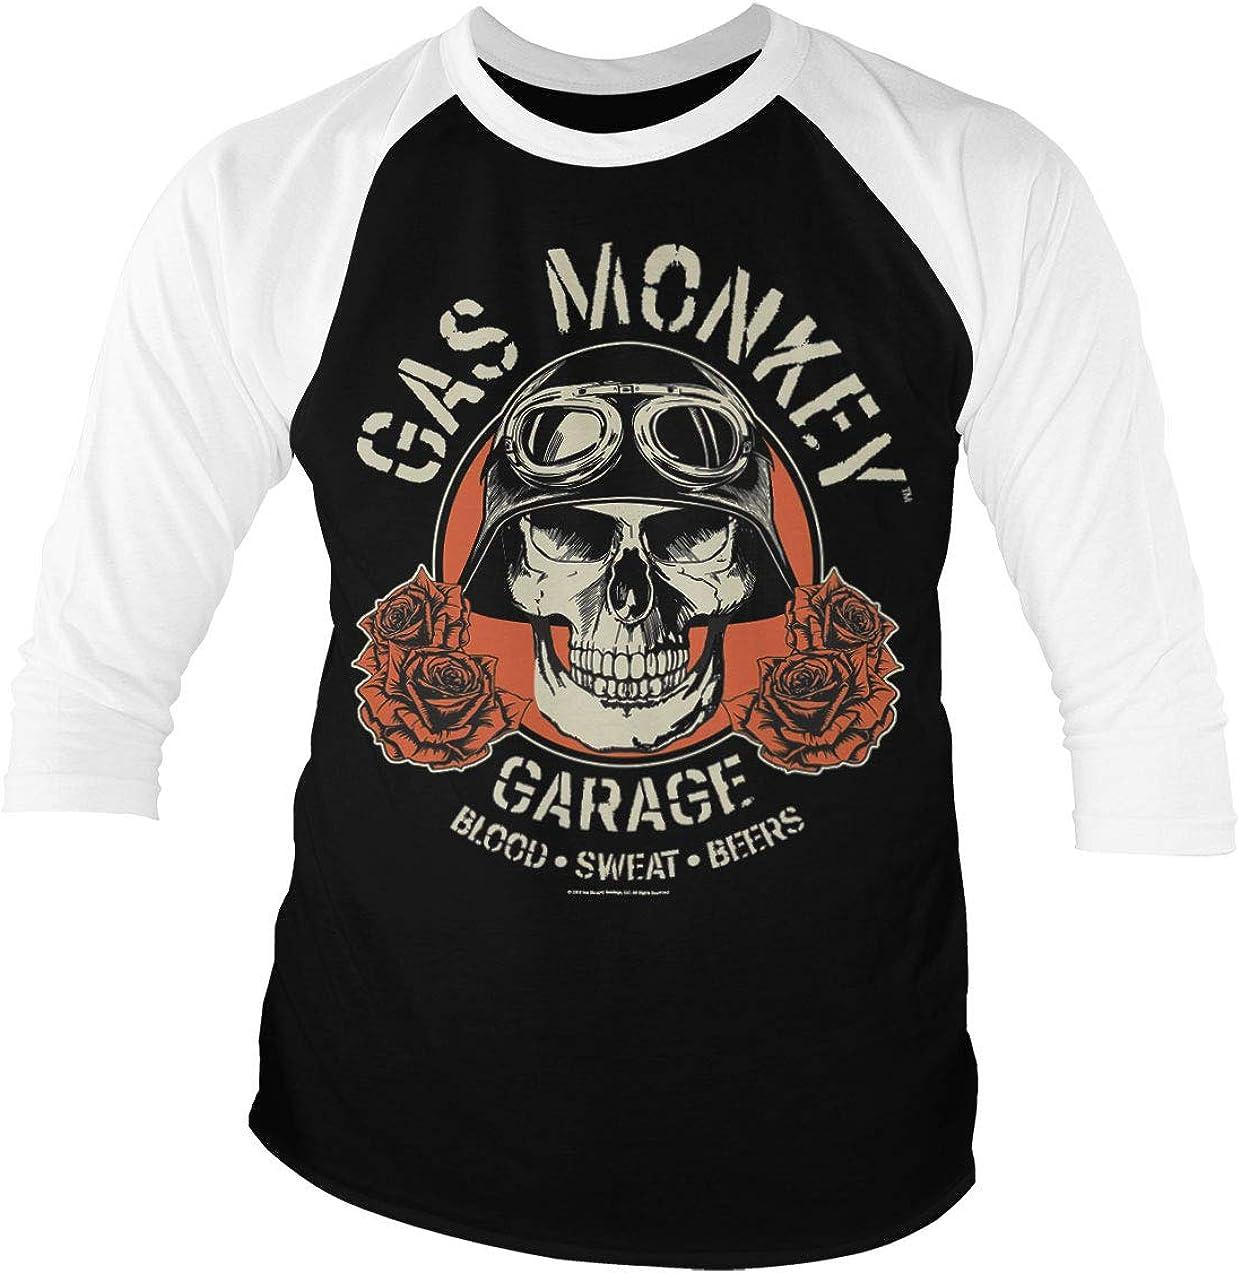 Gas Monkey Garage Licenciado Oficialmente Skull Baseball Camisa de Manga 3/4 para Hombre (Negro-Blanco): Amazon.es: Ropa y accesorios